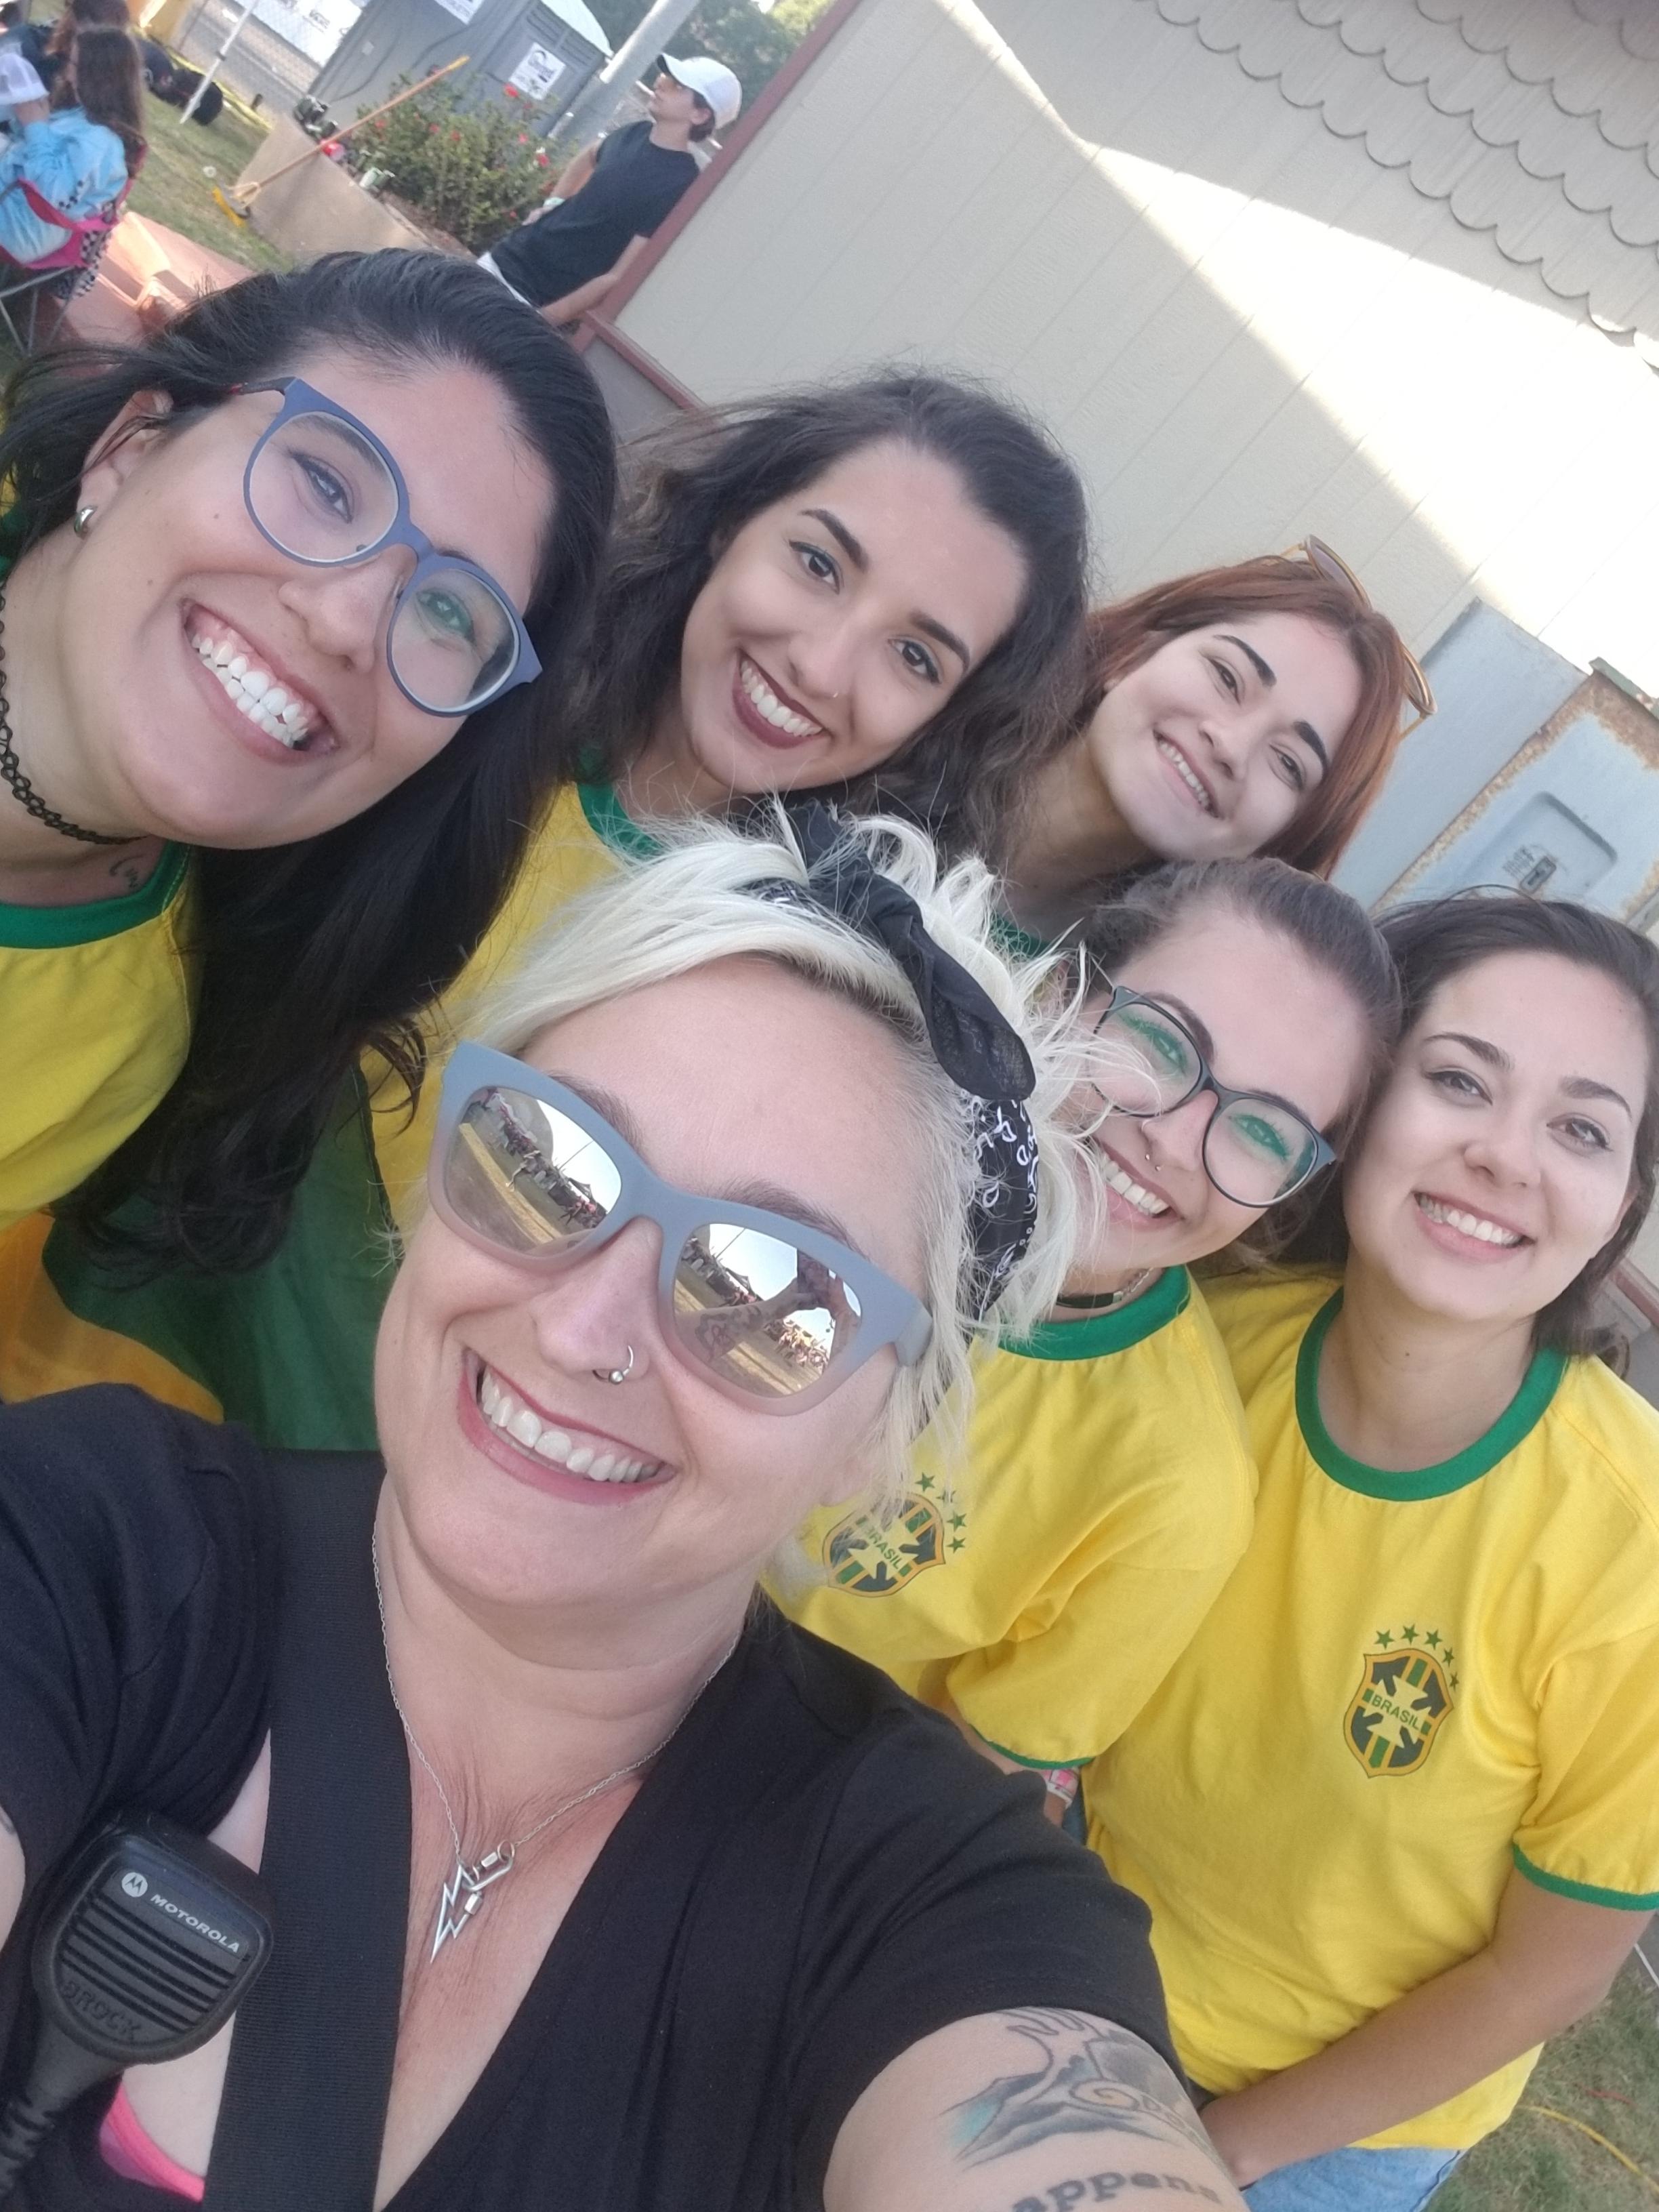 Brasilfans.jpg